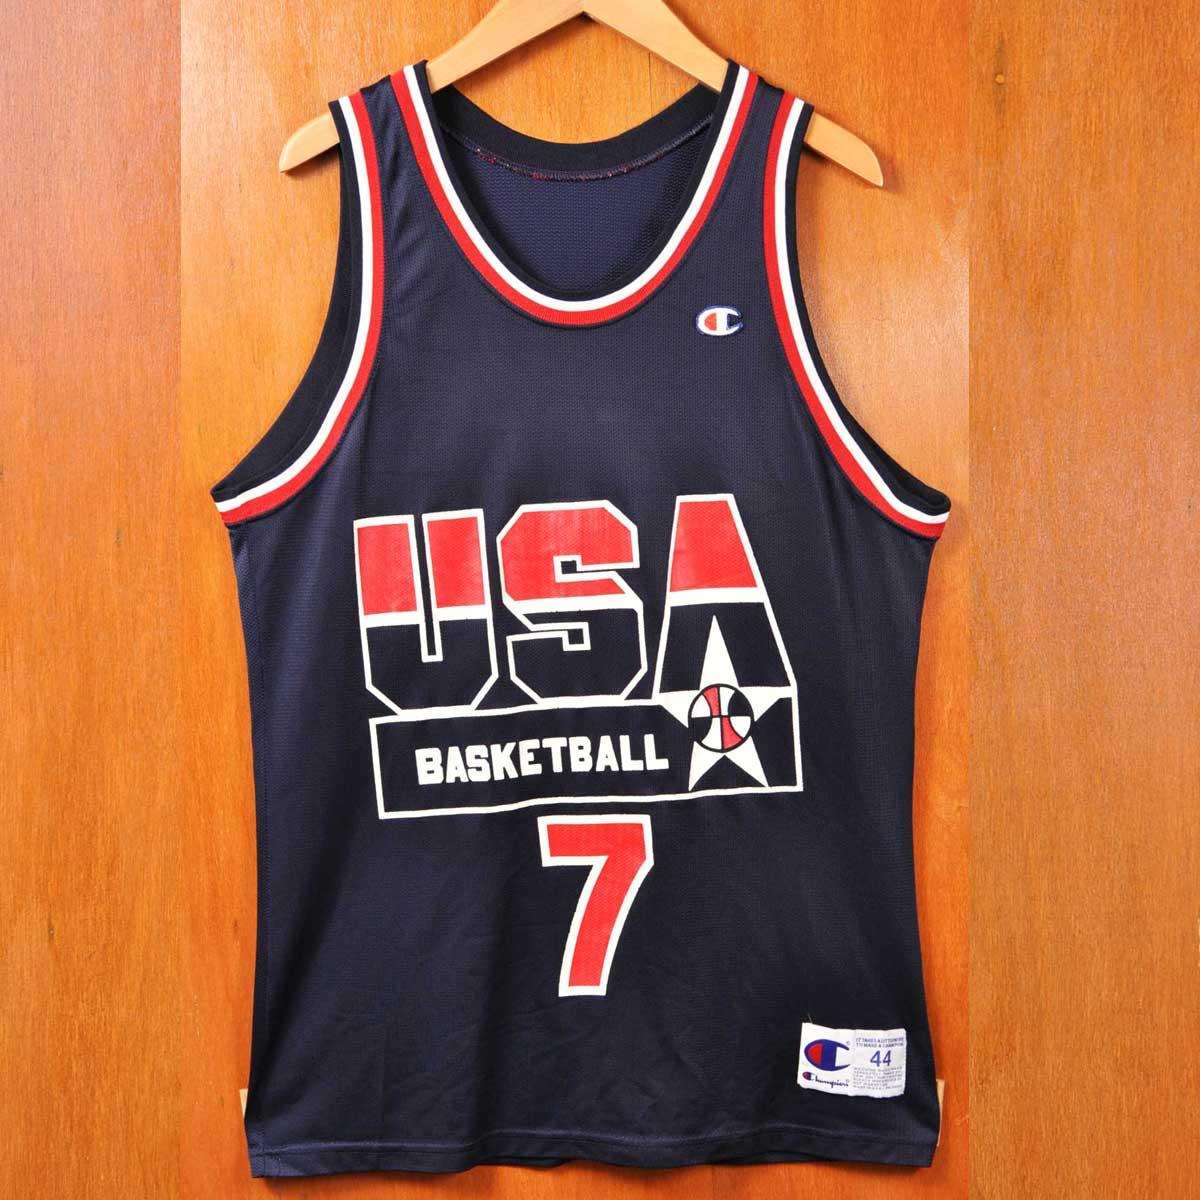 ヴィンテージ 1990年代 USA製 / CHAMPION チャンピオン / ドリームチーム / ショーン・ケンプ / バスケ タンクトップ ユニフォーム ナンバリング / ネイビー×レッド / メンズS相当【中古】▽